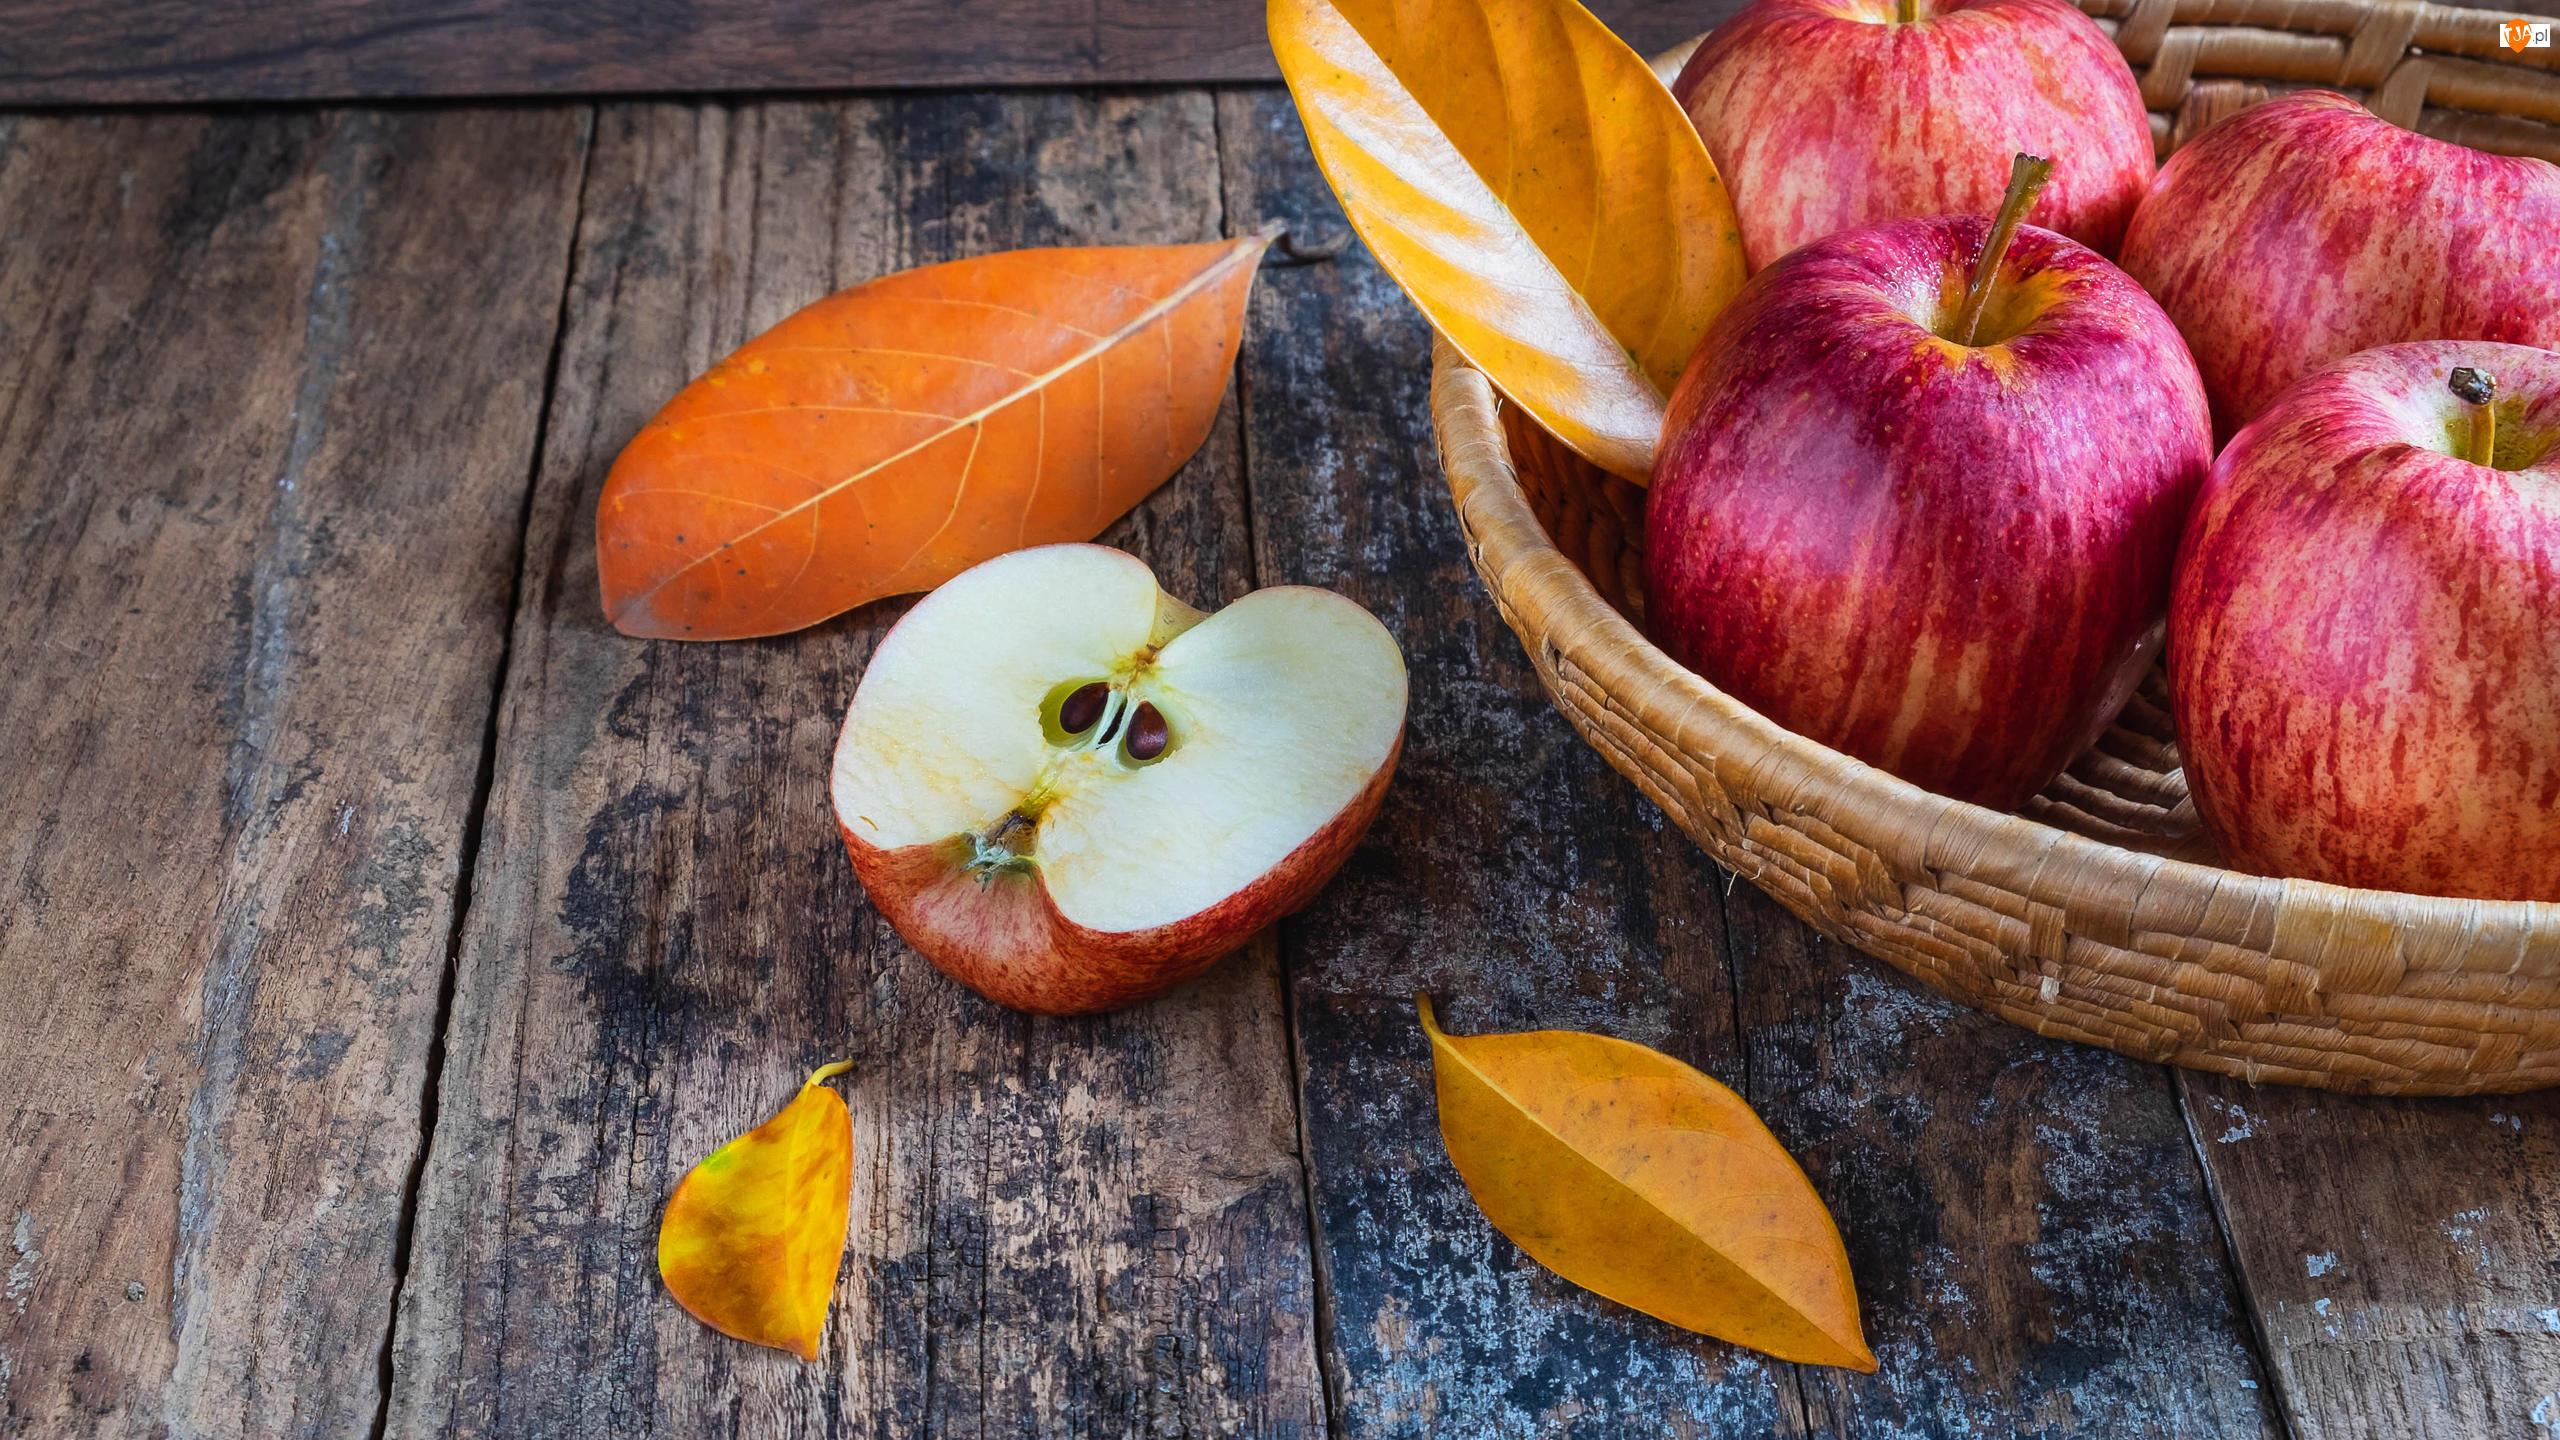 Koszyczek, Jabłka, Listki